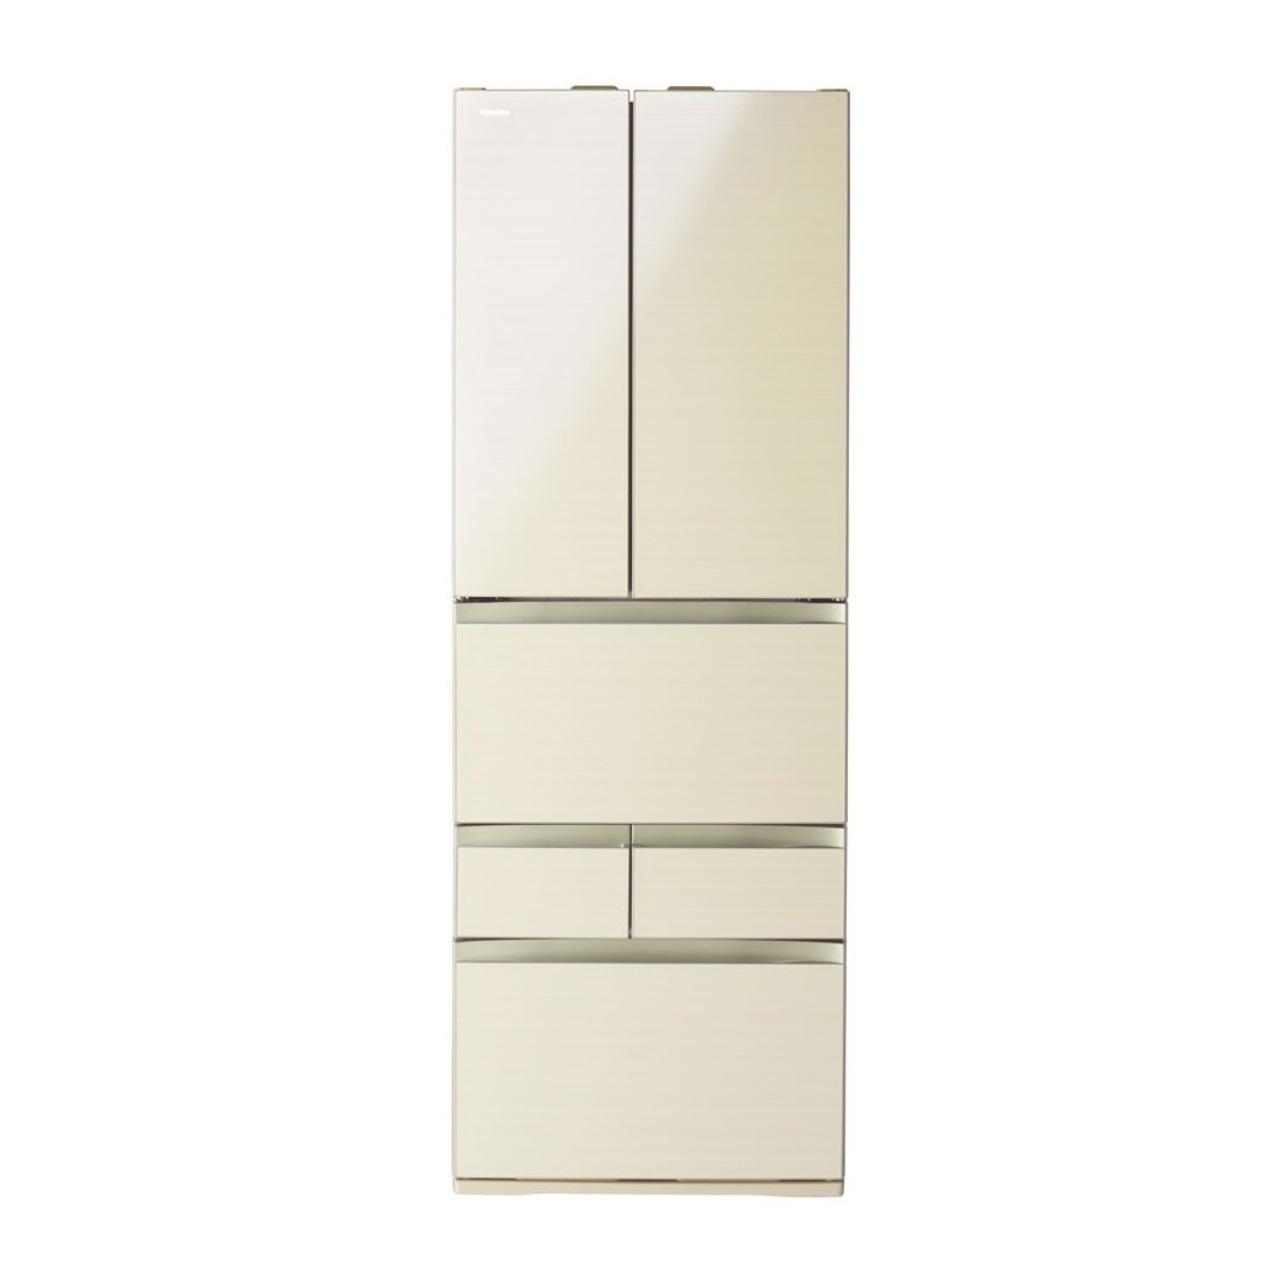 東芝GR-K460FW冷蔵庫